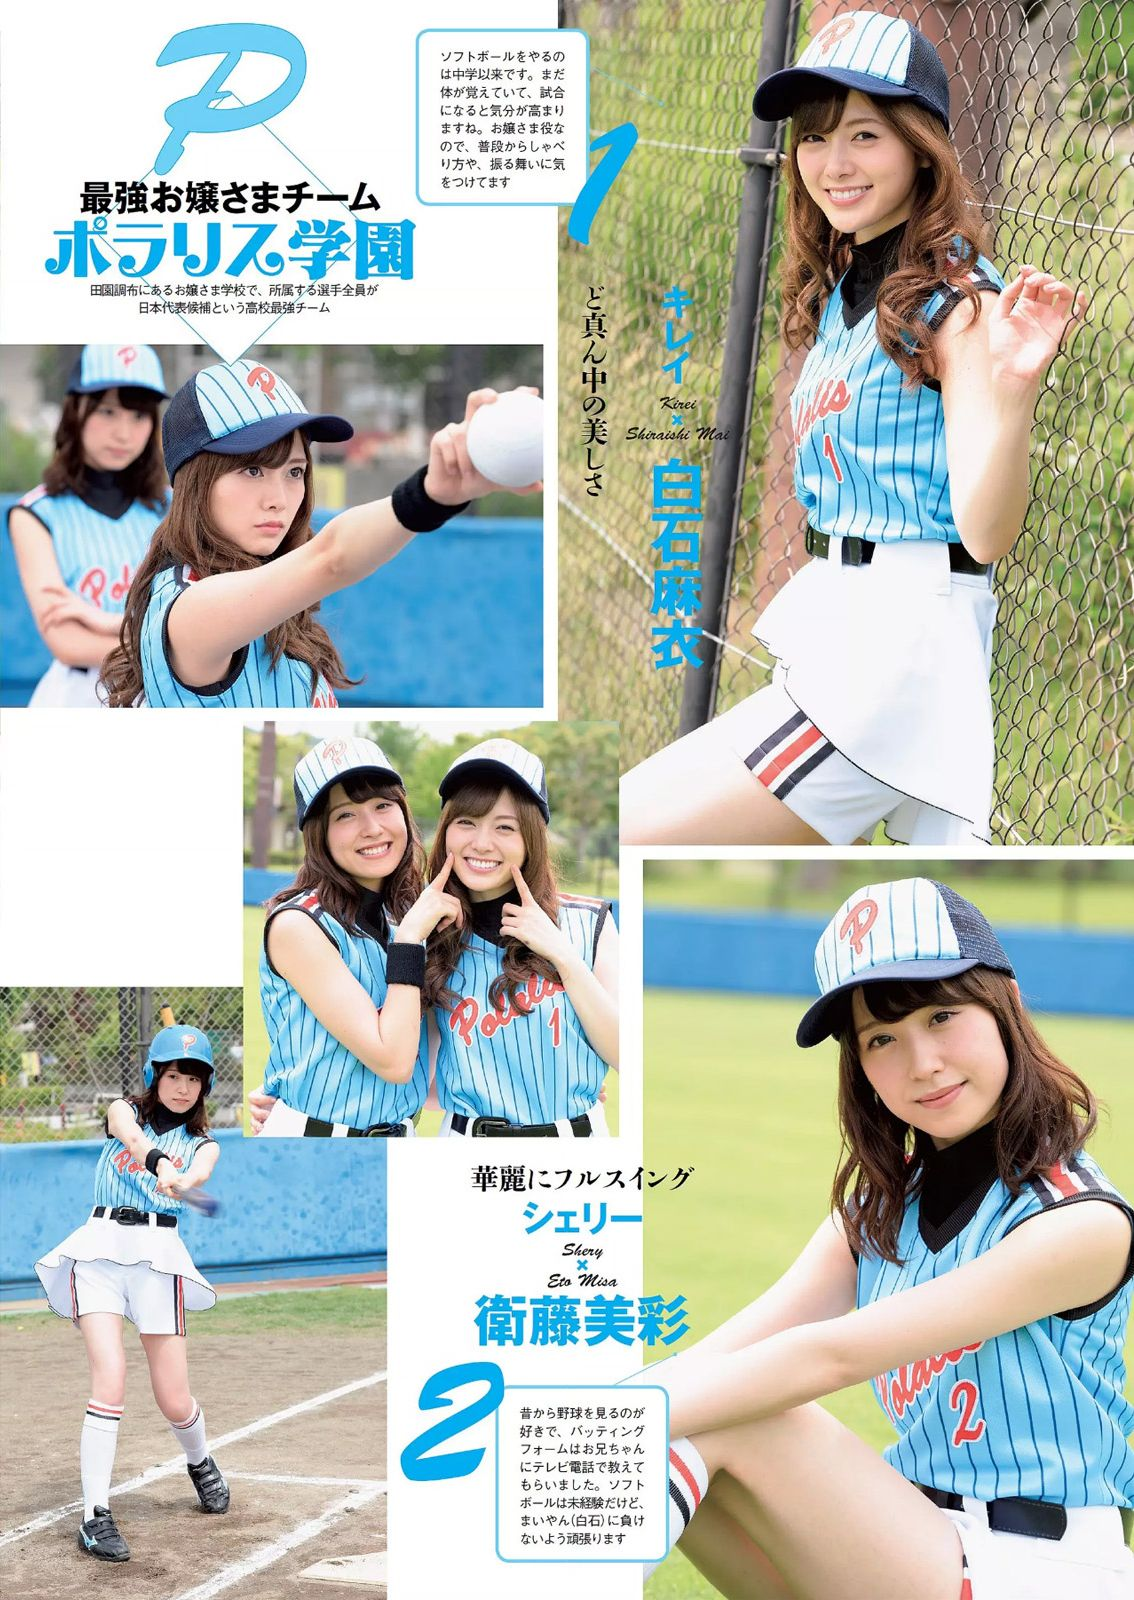 乃木坂46 Nogizaka46 初森ベマーズ Hatsumori Bemars Images | Hot Sexy Beauty.Club